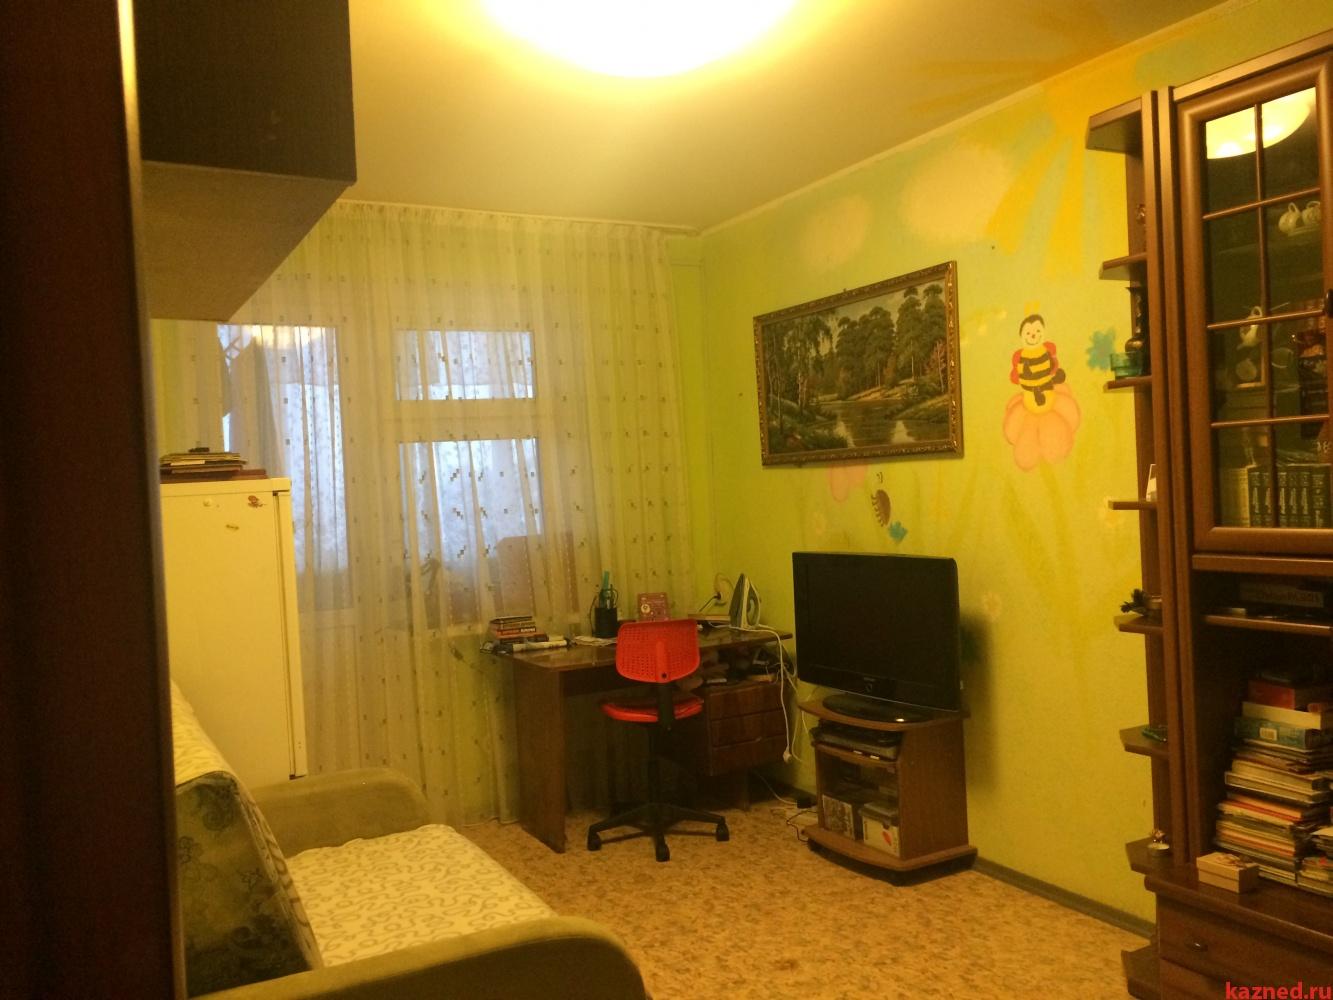 Продажа 1-к квартиры Проспект Победы 134, 54 м2  (миниатюра №6)